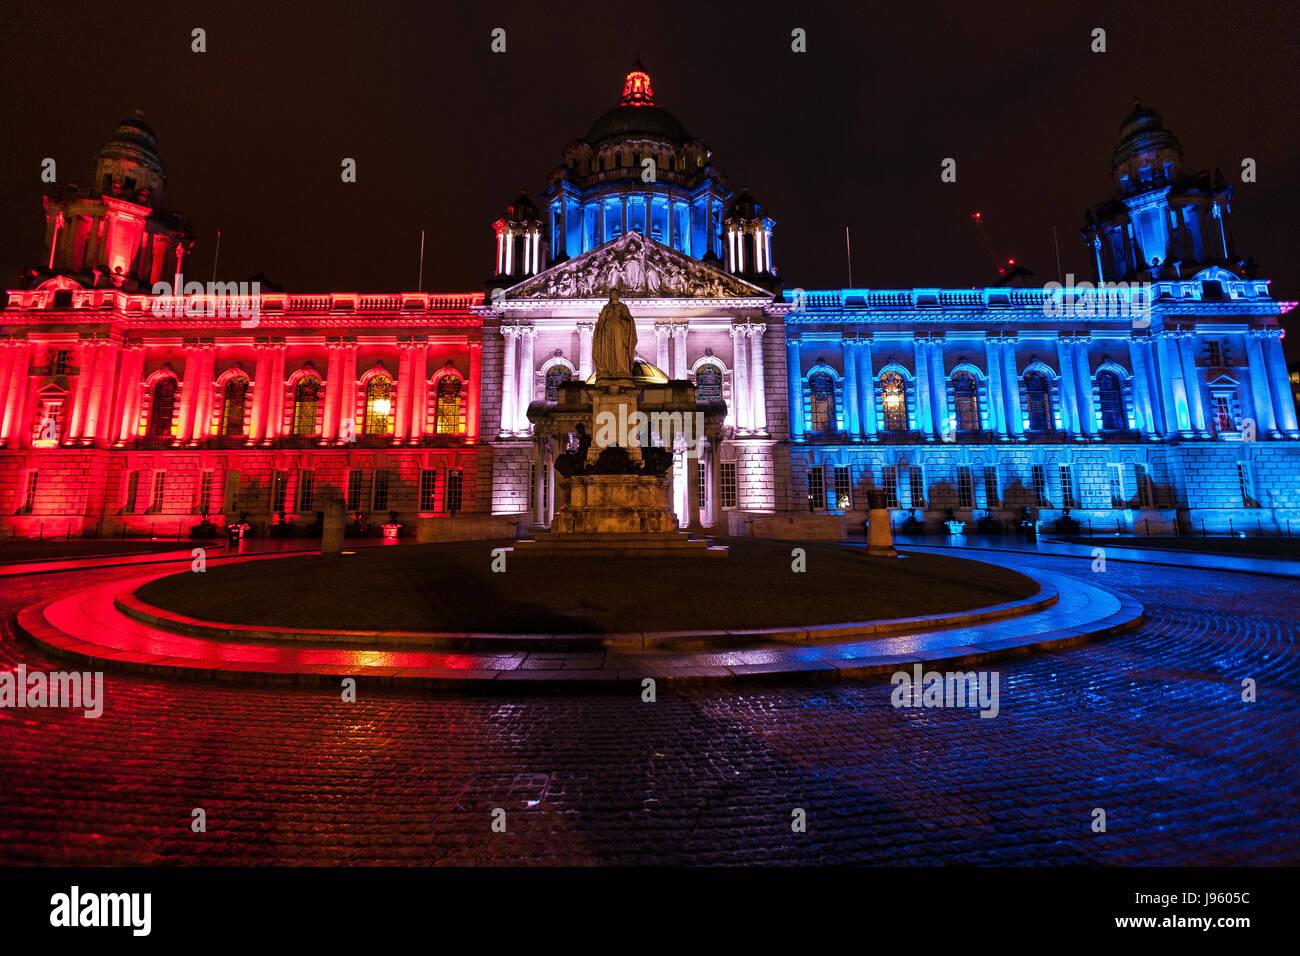 Belfast, Irlanda del Norte. El 05 de junio, 2017. El 5 de junio de 2017. Belfast City hall iluminado en rojo, blanco Imagen De Stock